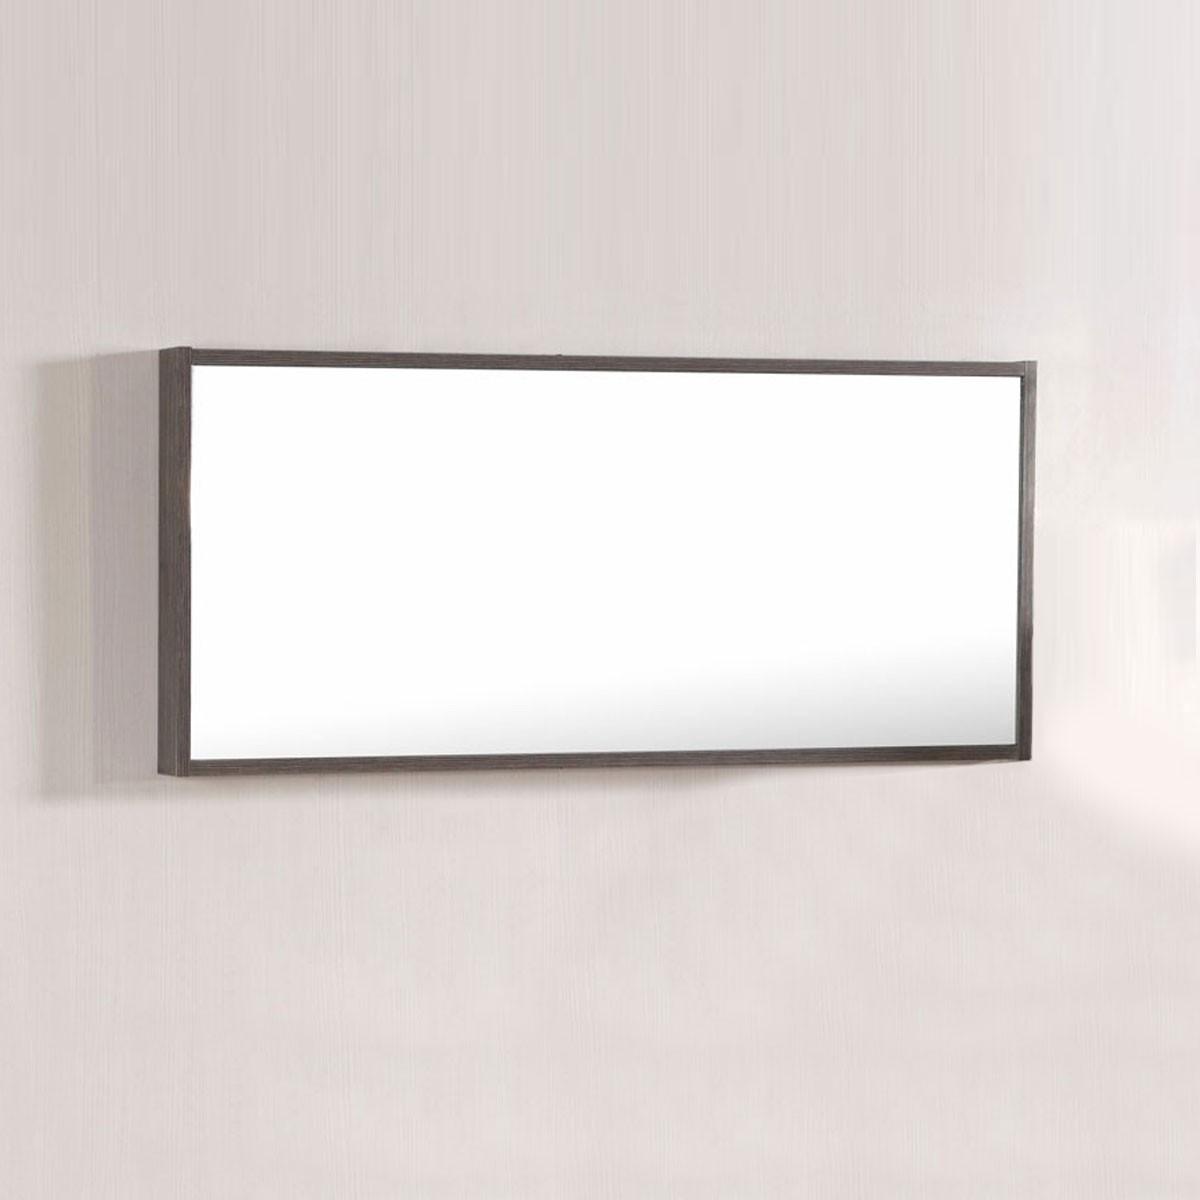 40 x 18 In. Bathroom Vanity Mirror (DK-T5167A-M)